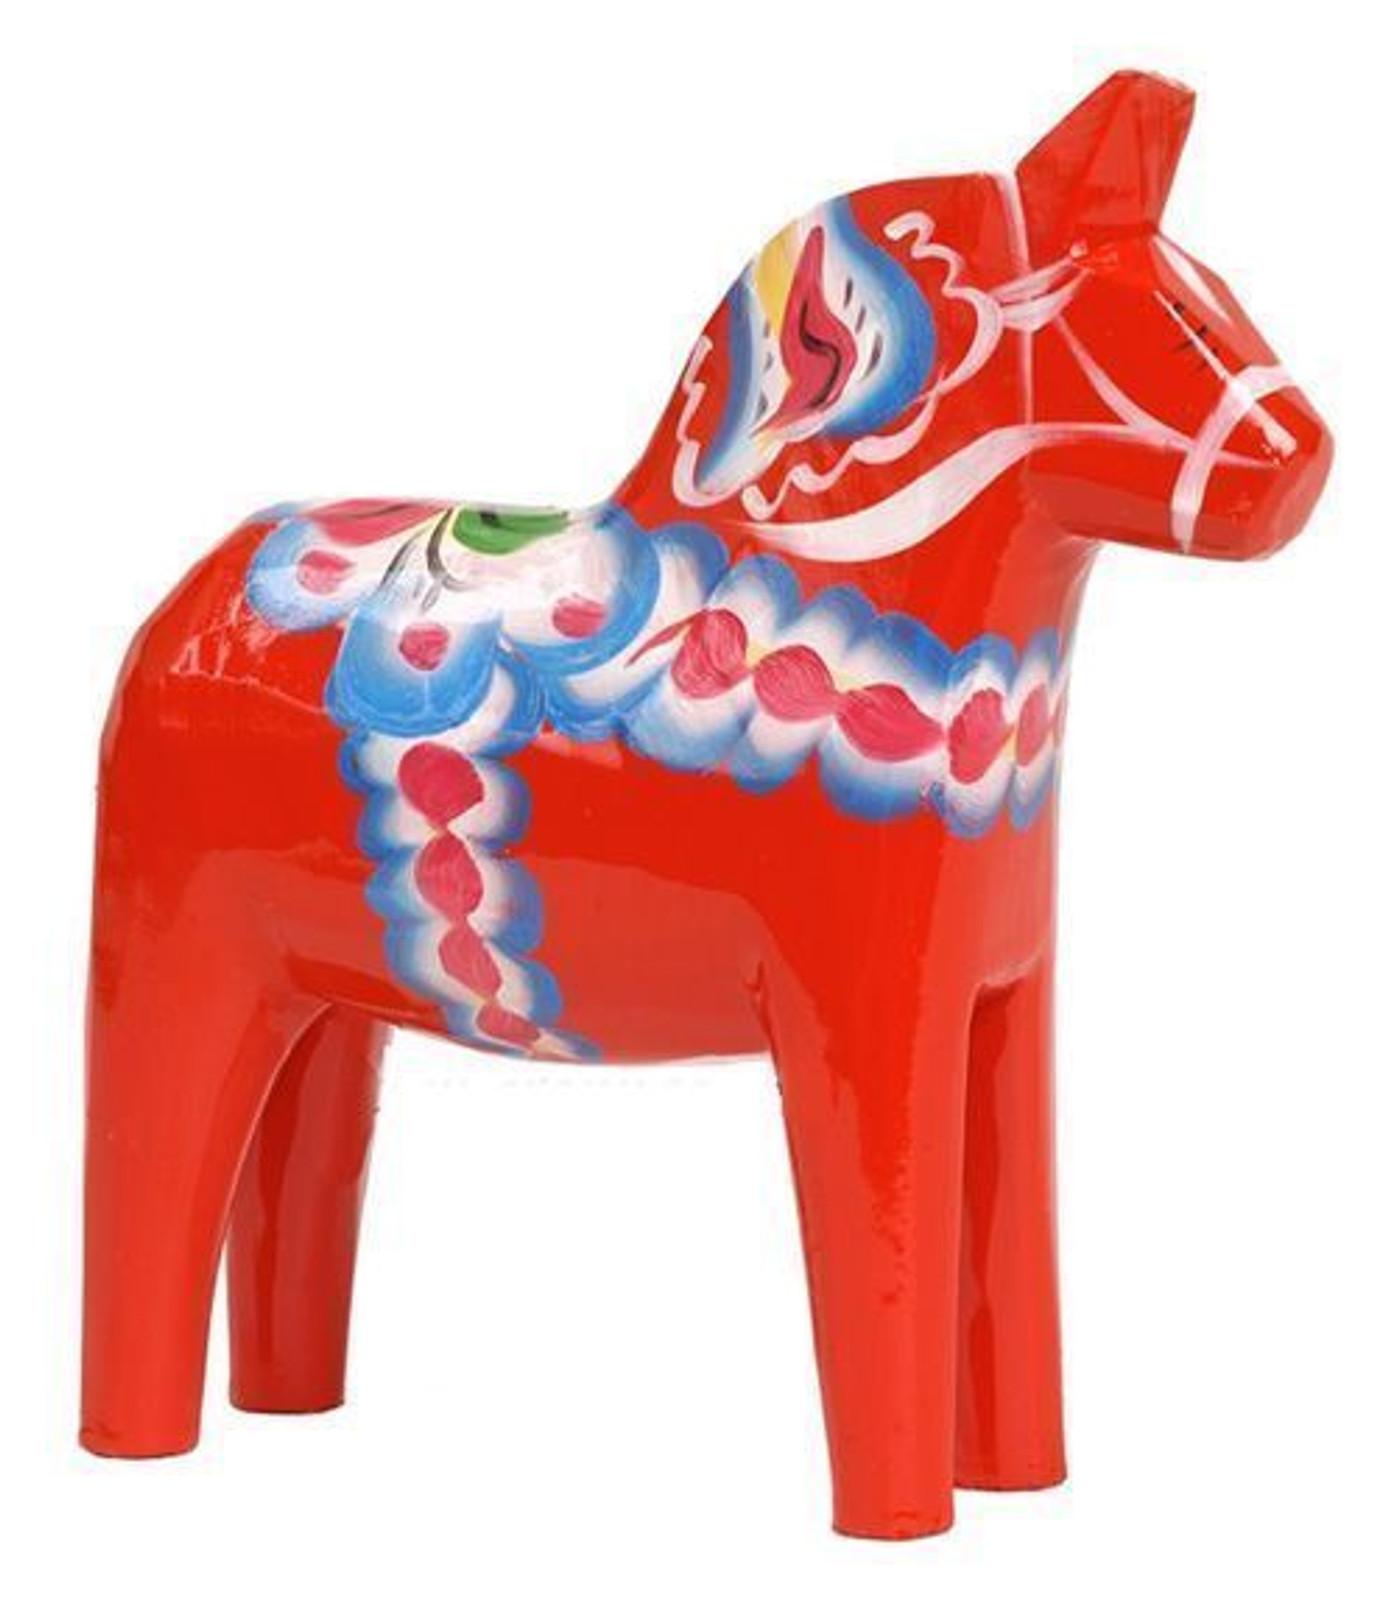 Authentic Swedish Dala Horse, 3 inches